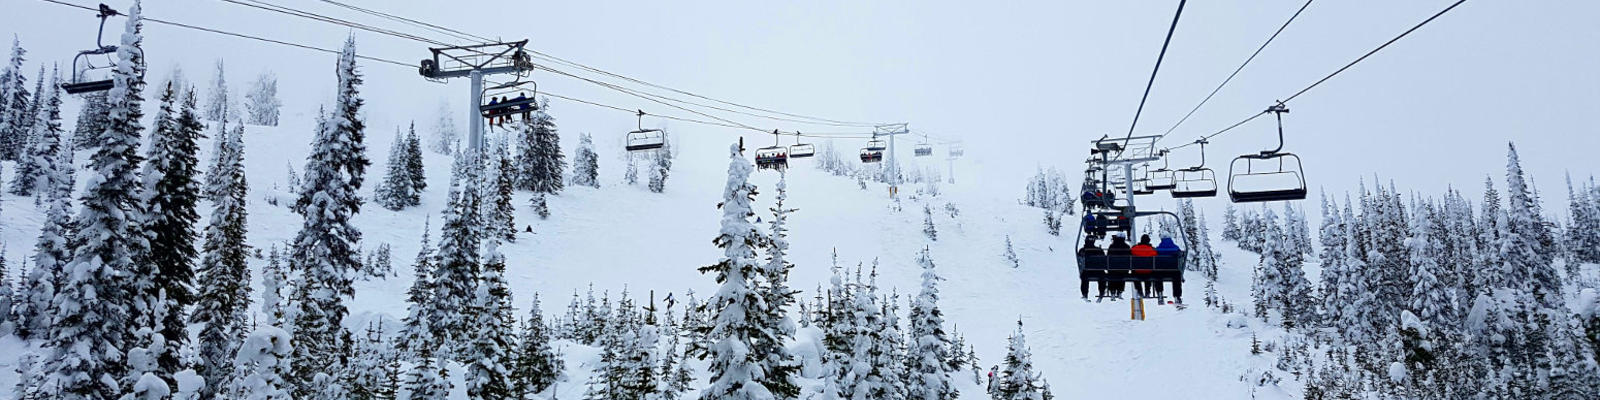 Snowboarding rental gear